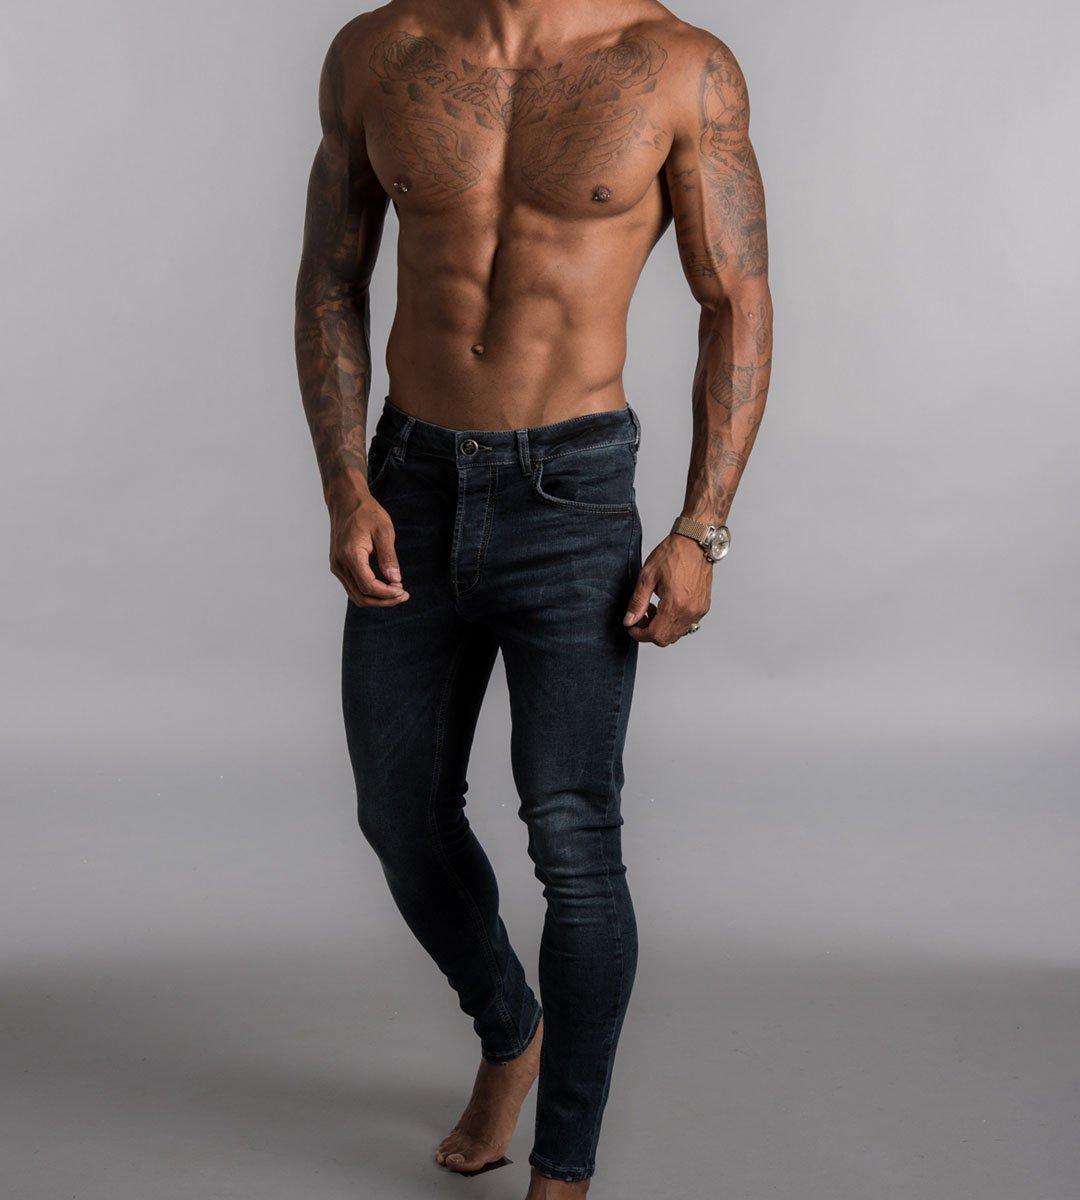 парень атлетического телосложения фото темно-красного